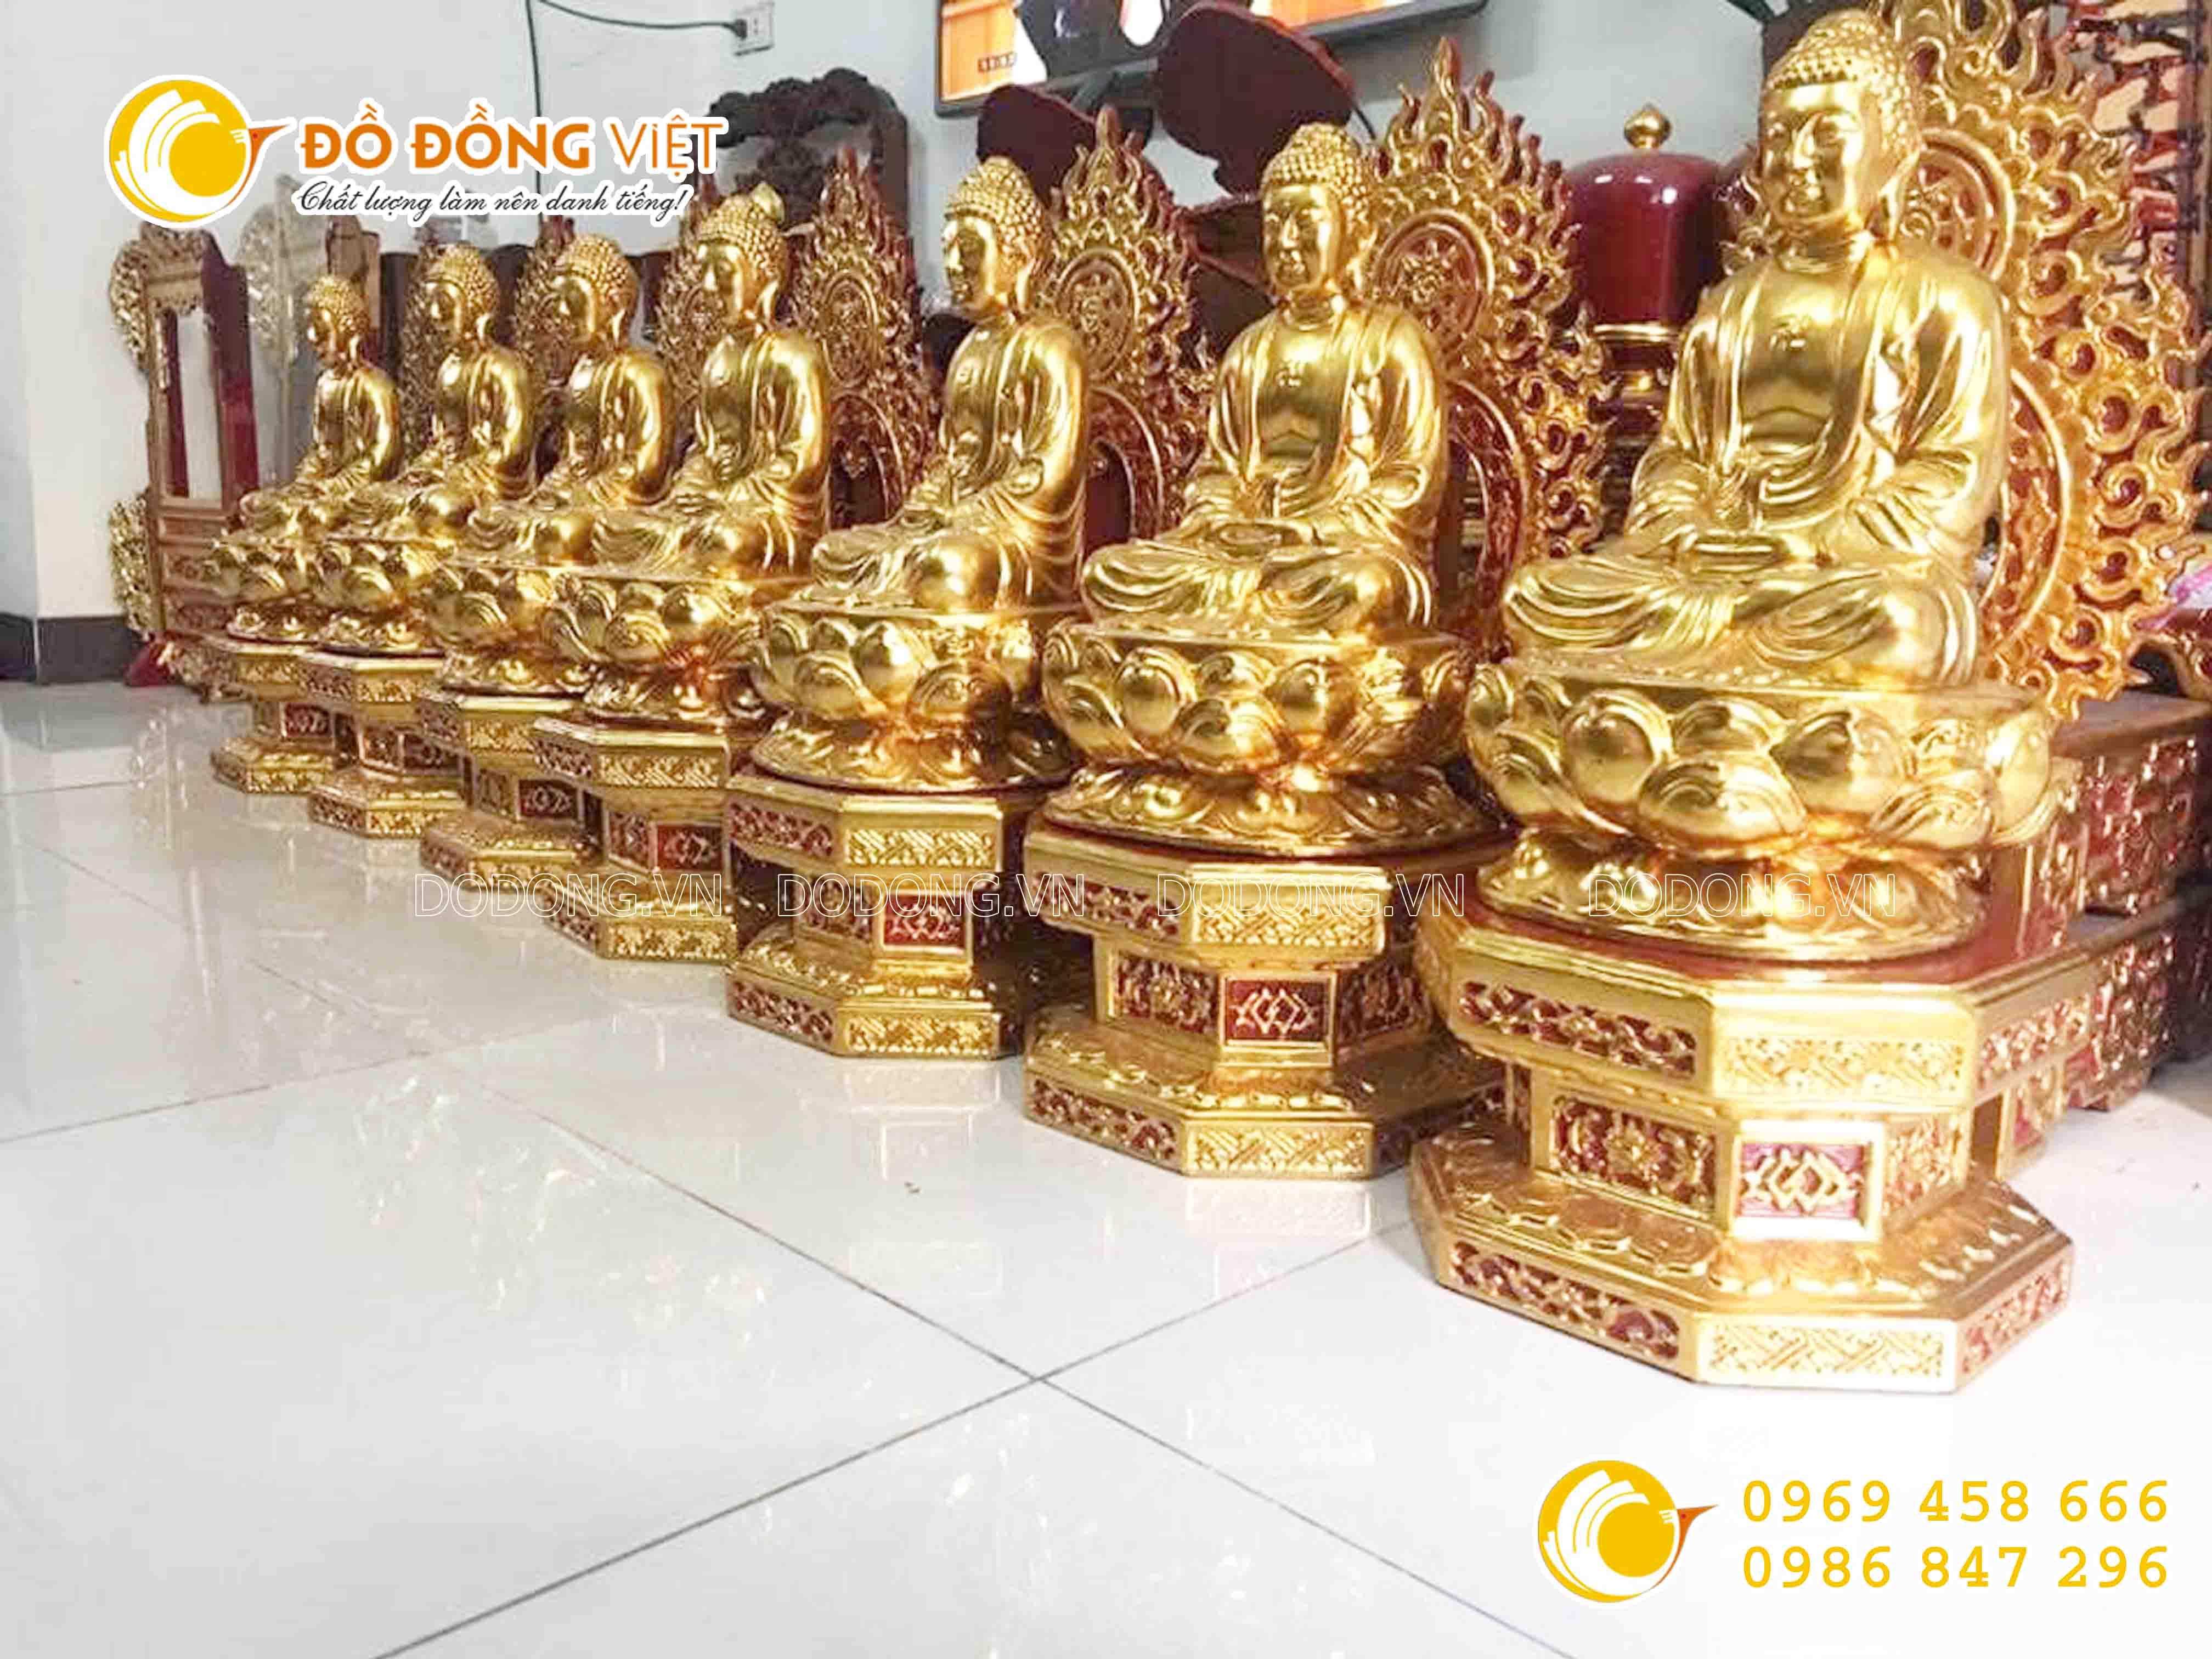 Nghệ thuật dát vàngtrong tạo tác tượng Phật